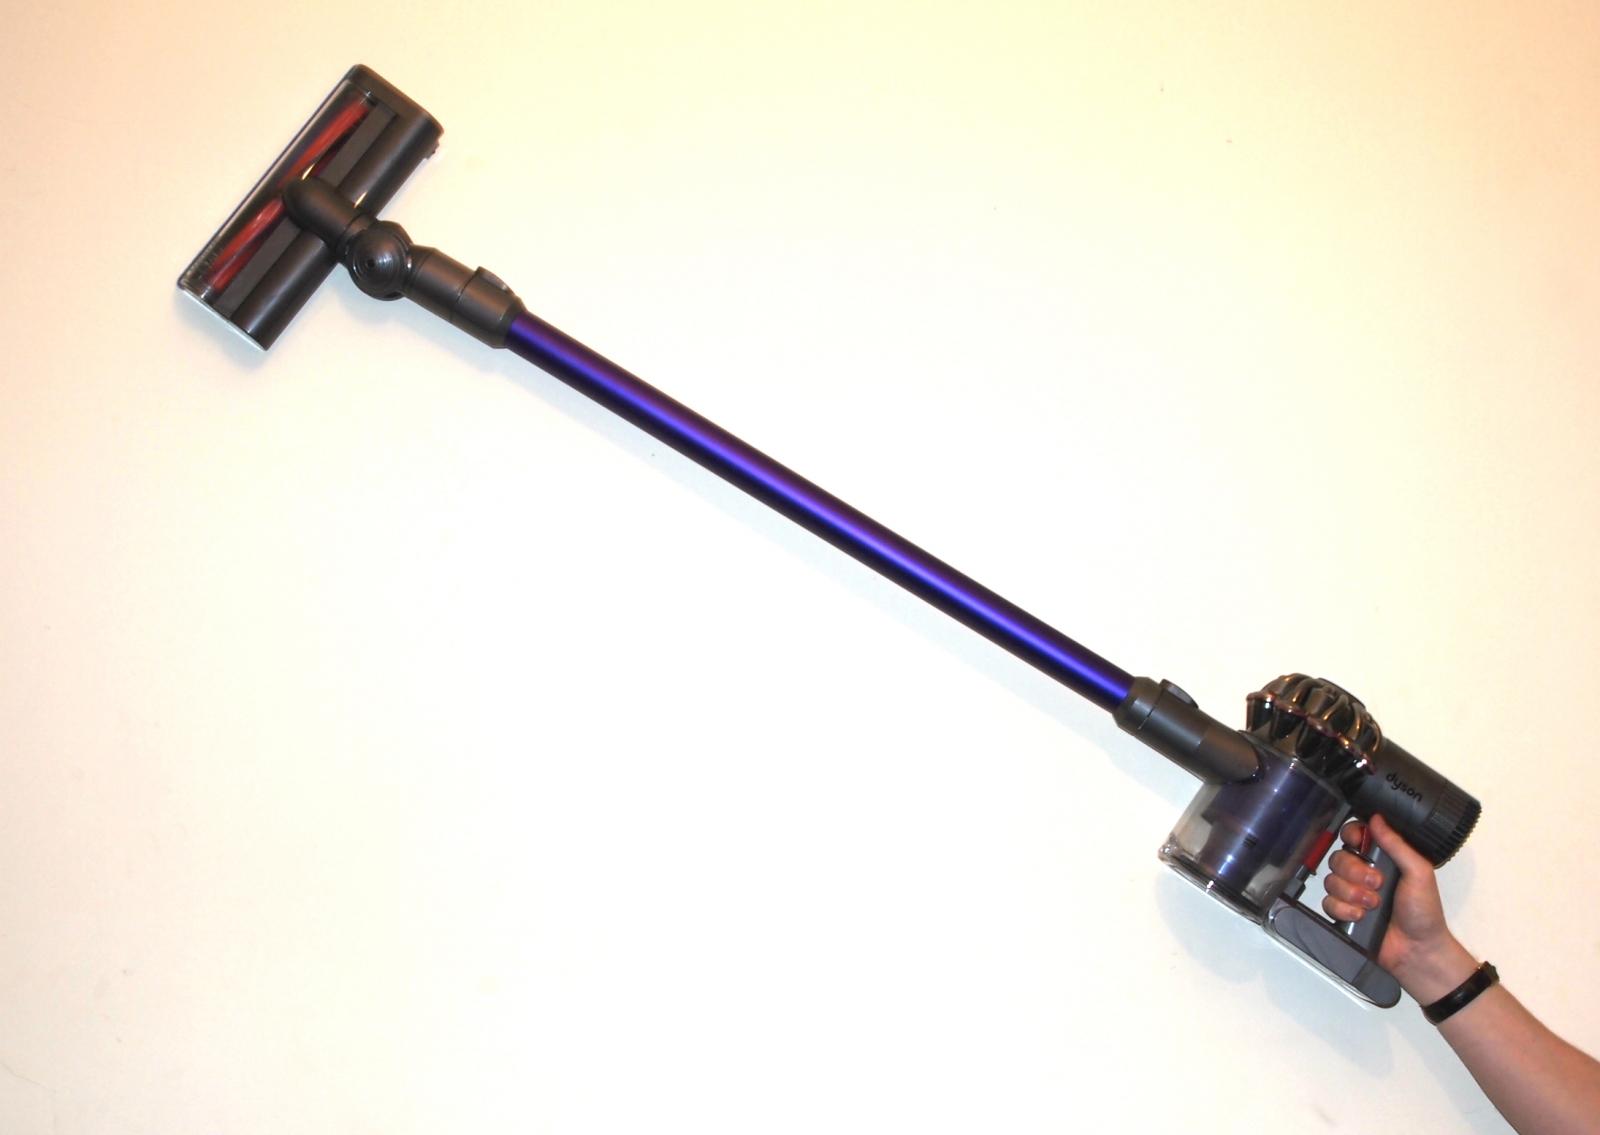 Dyson DC59 review cordless vacuum